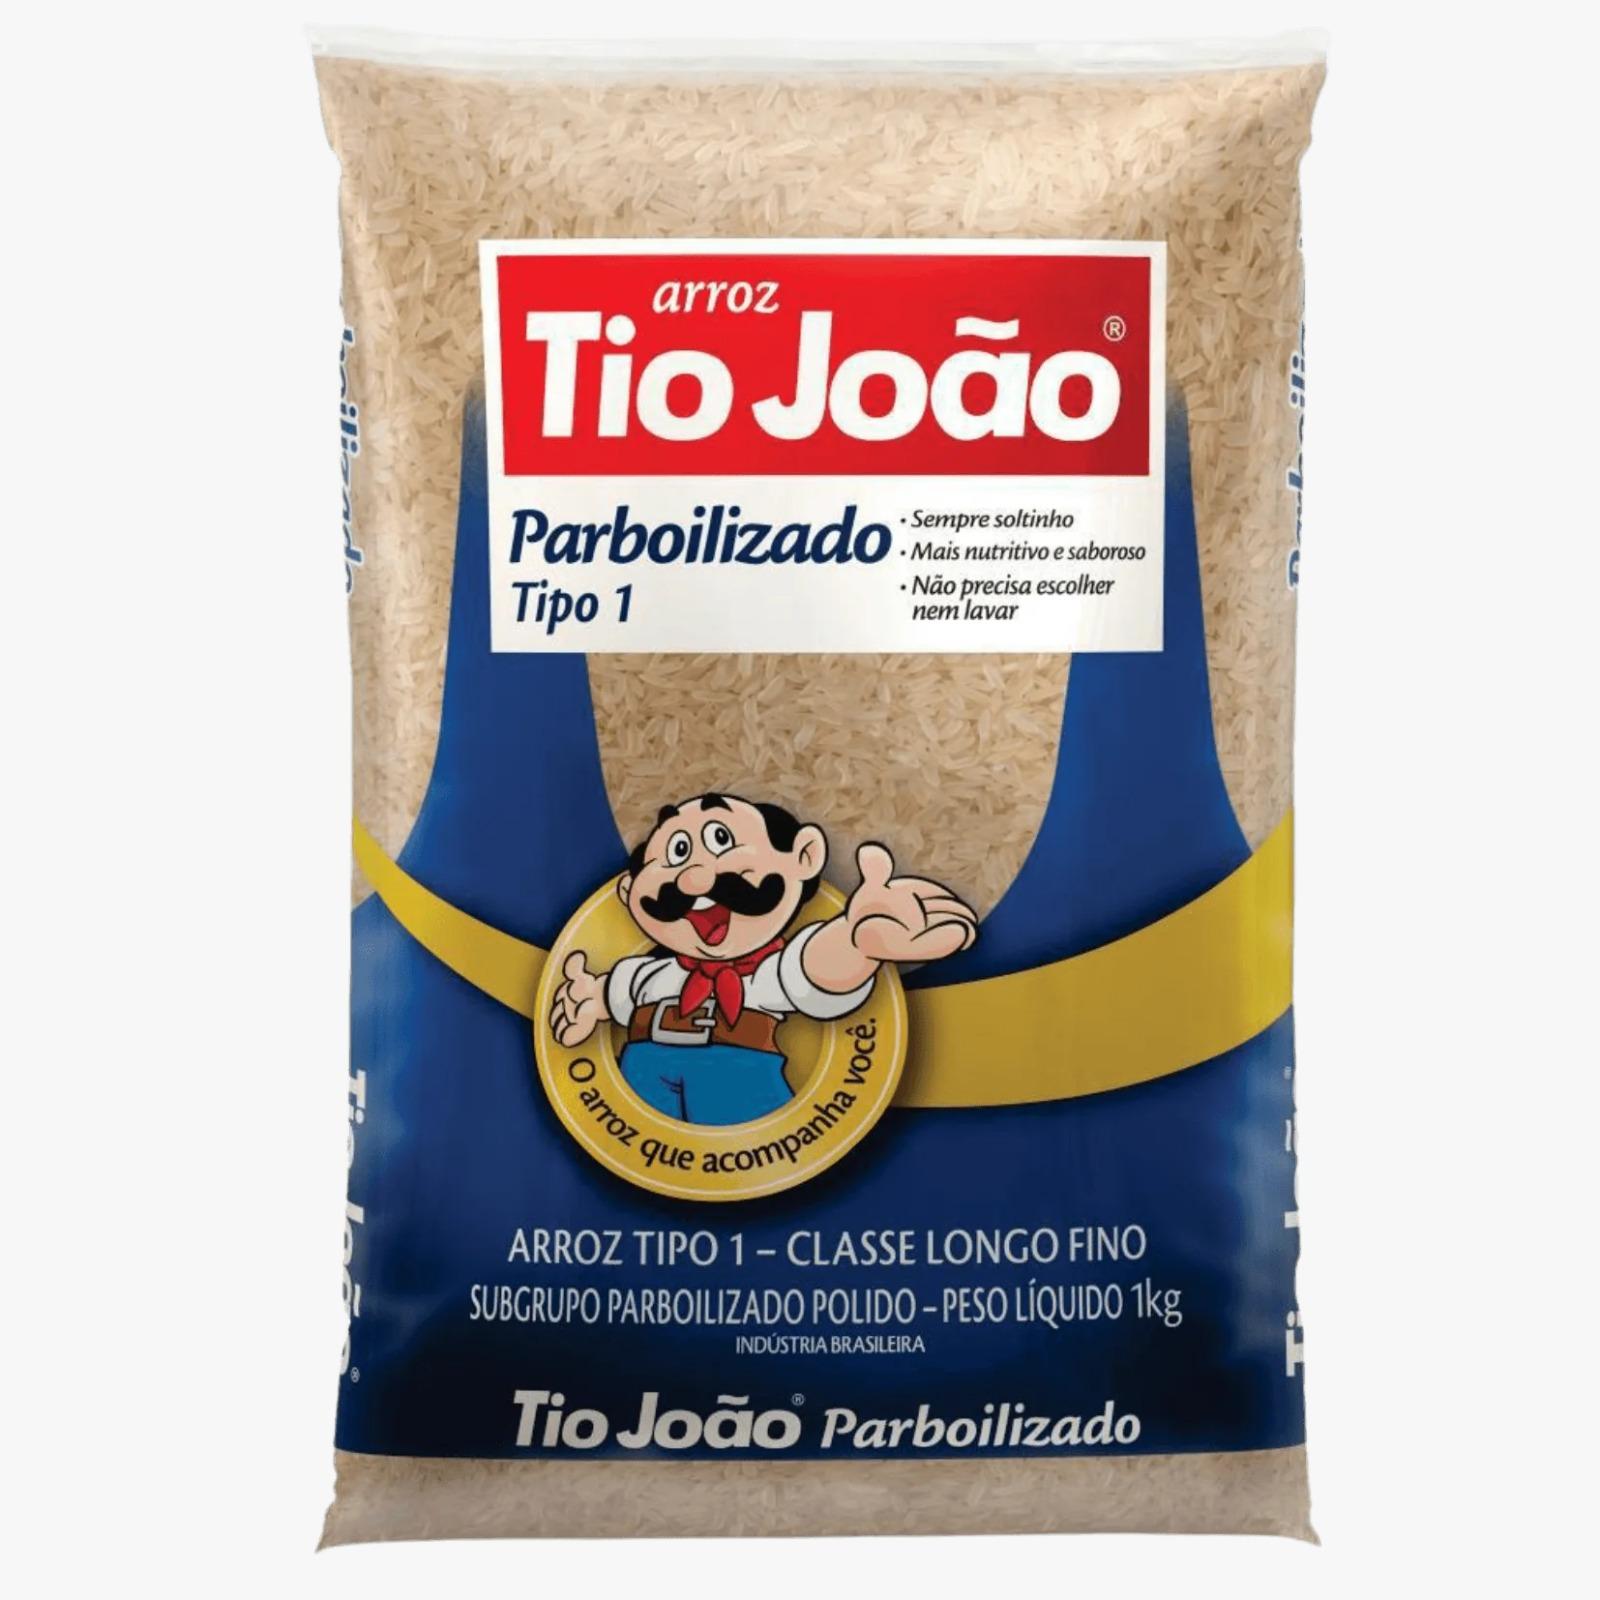 arroz Tio João parboilizado 10x1 kg